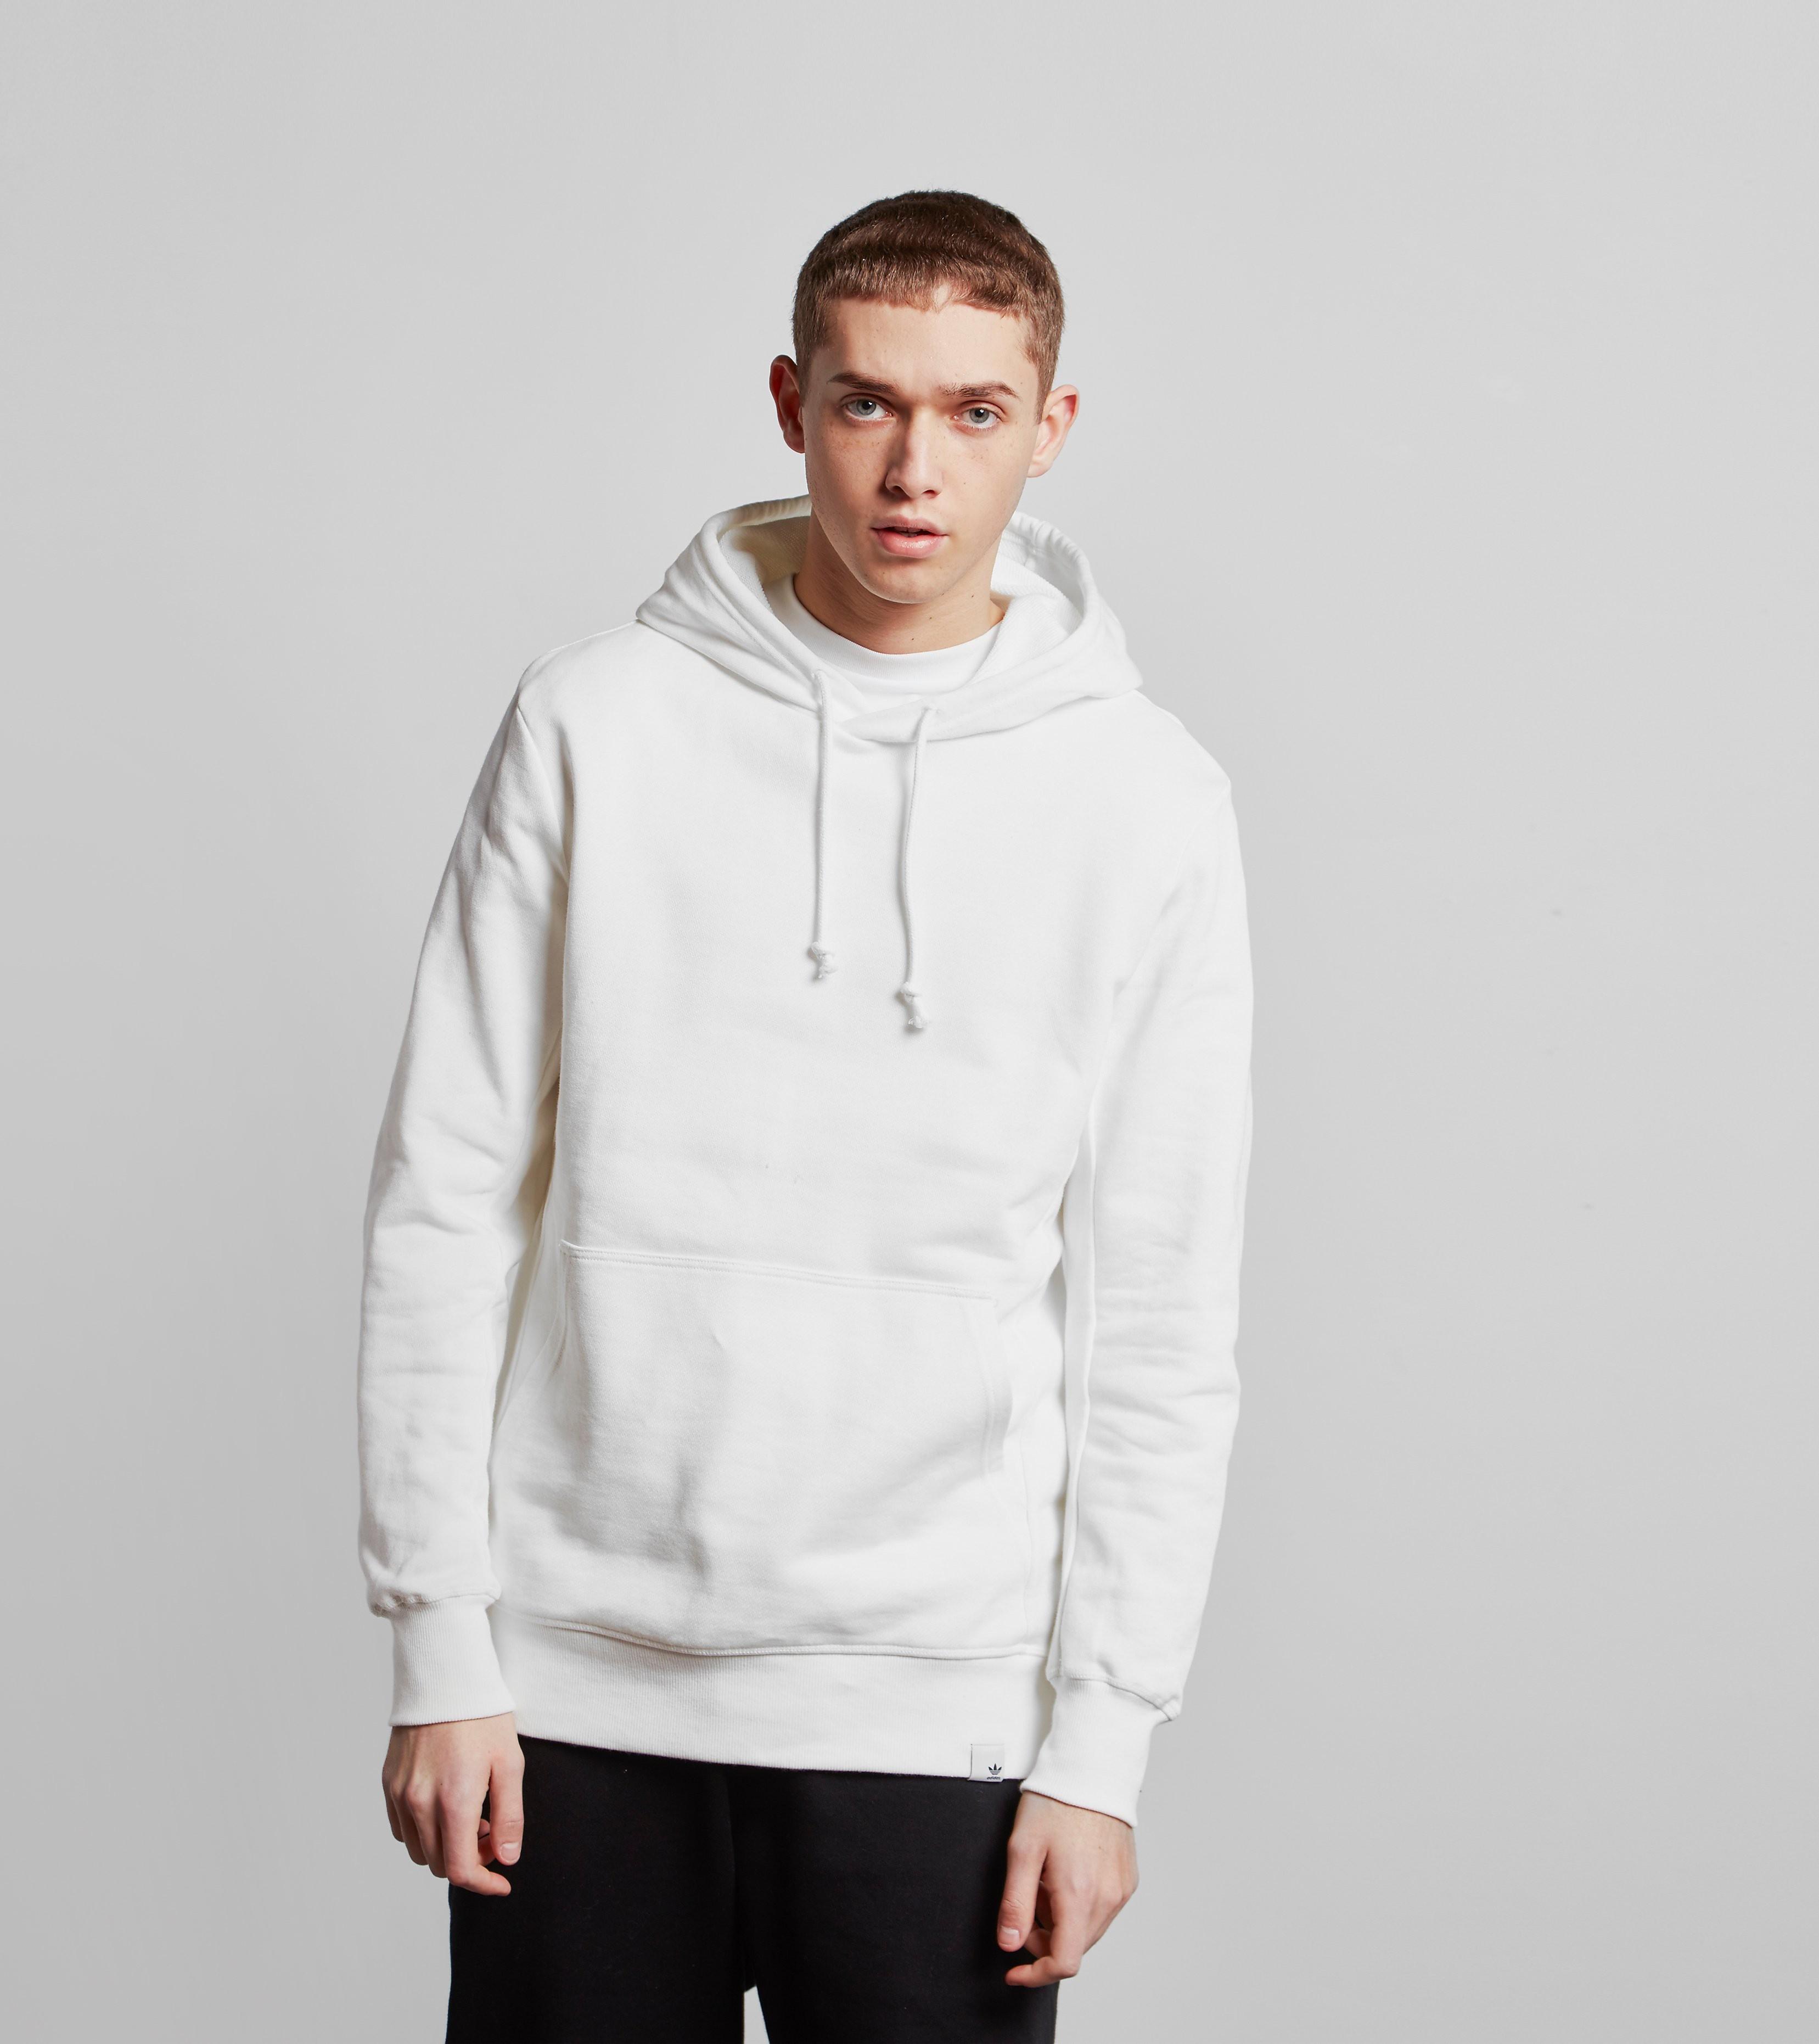 adidas Originals XBYO Hoody